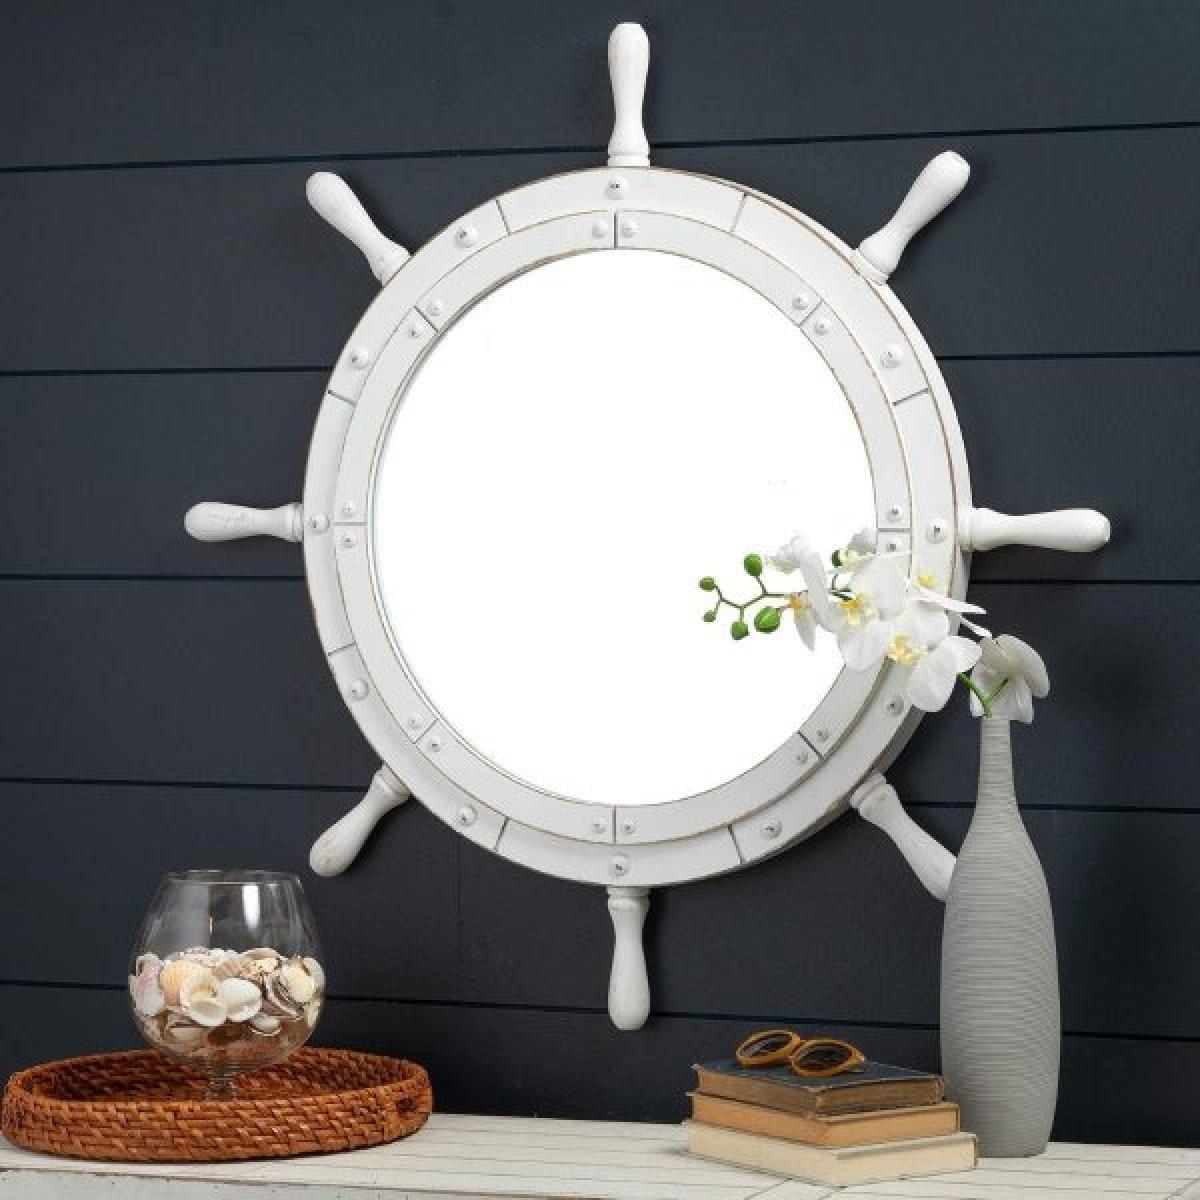 Chiếc gương này lại lấy cảm hứng từ bánh lái tàu, màu trắng của gỗ khiến ta gợi nhớ đến những vùng biển đầy nắng gió xa xôi.